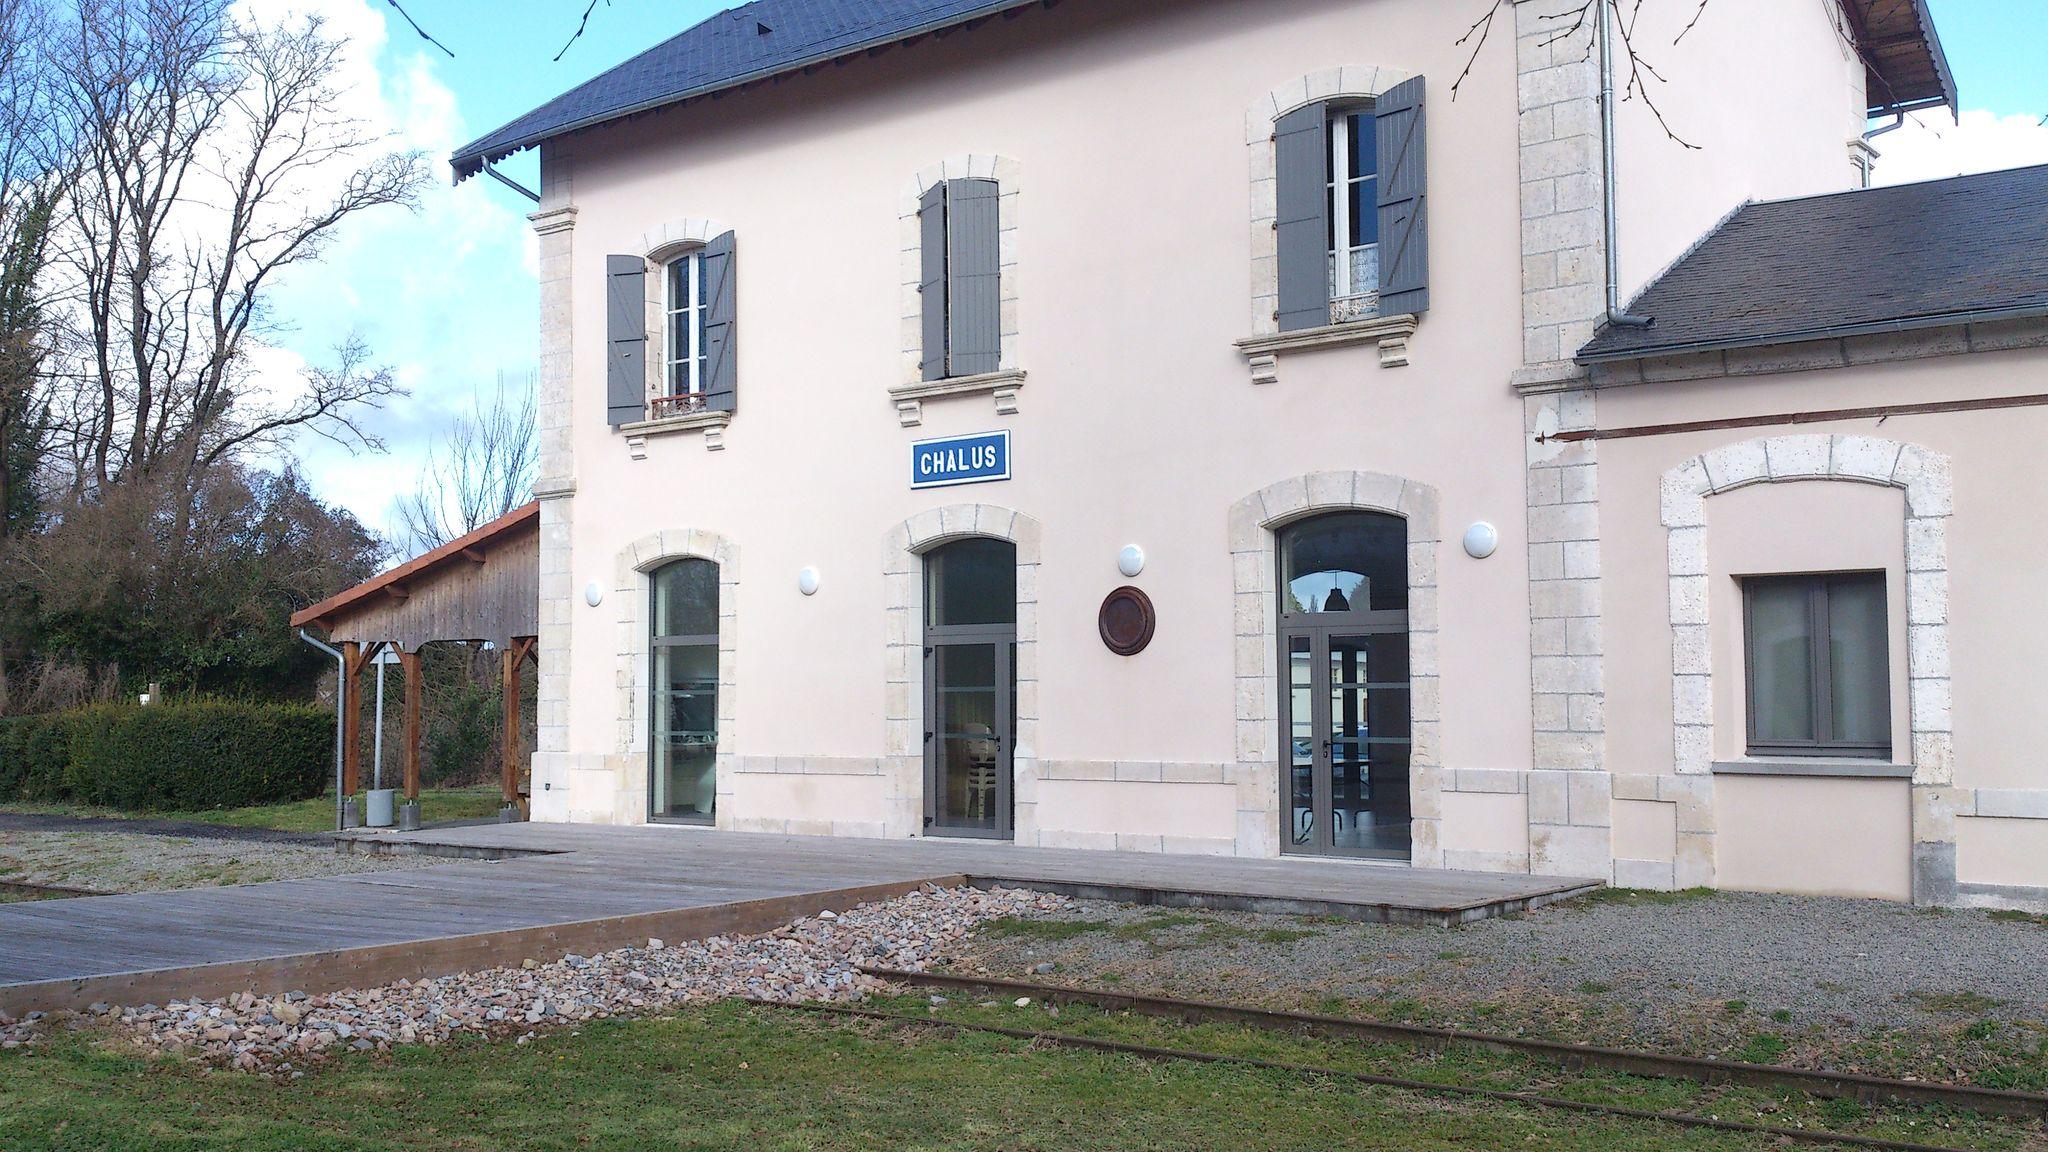 Châlus (Haute-Vienne)